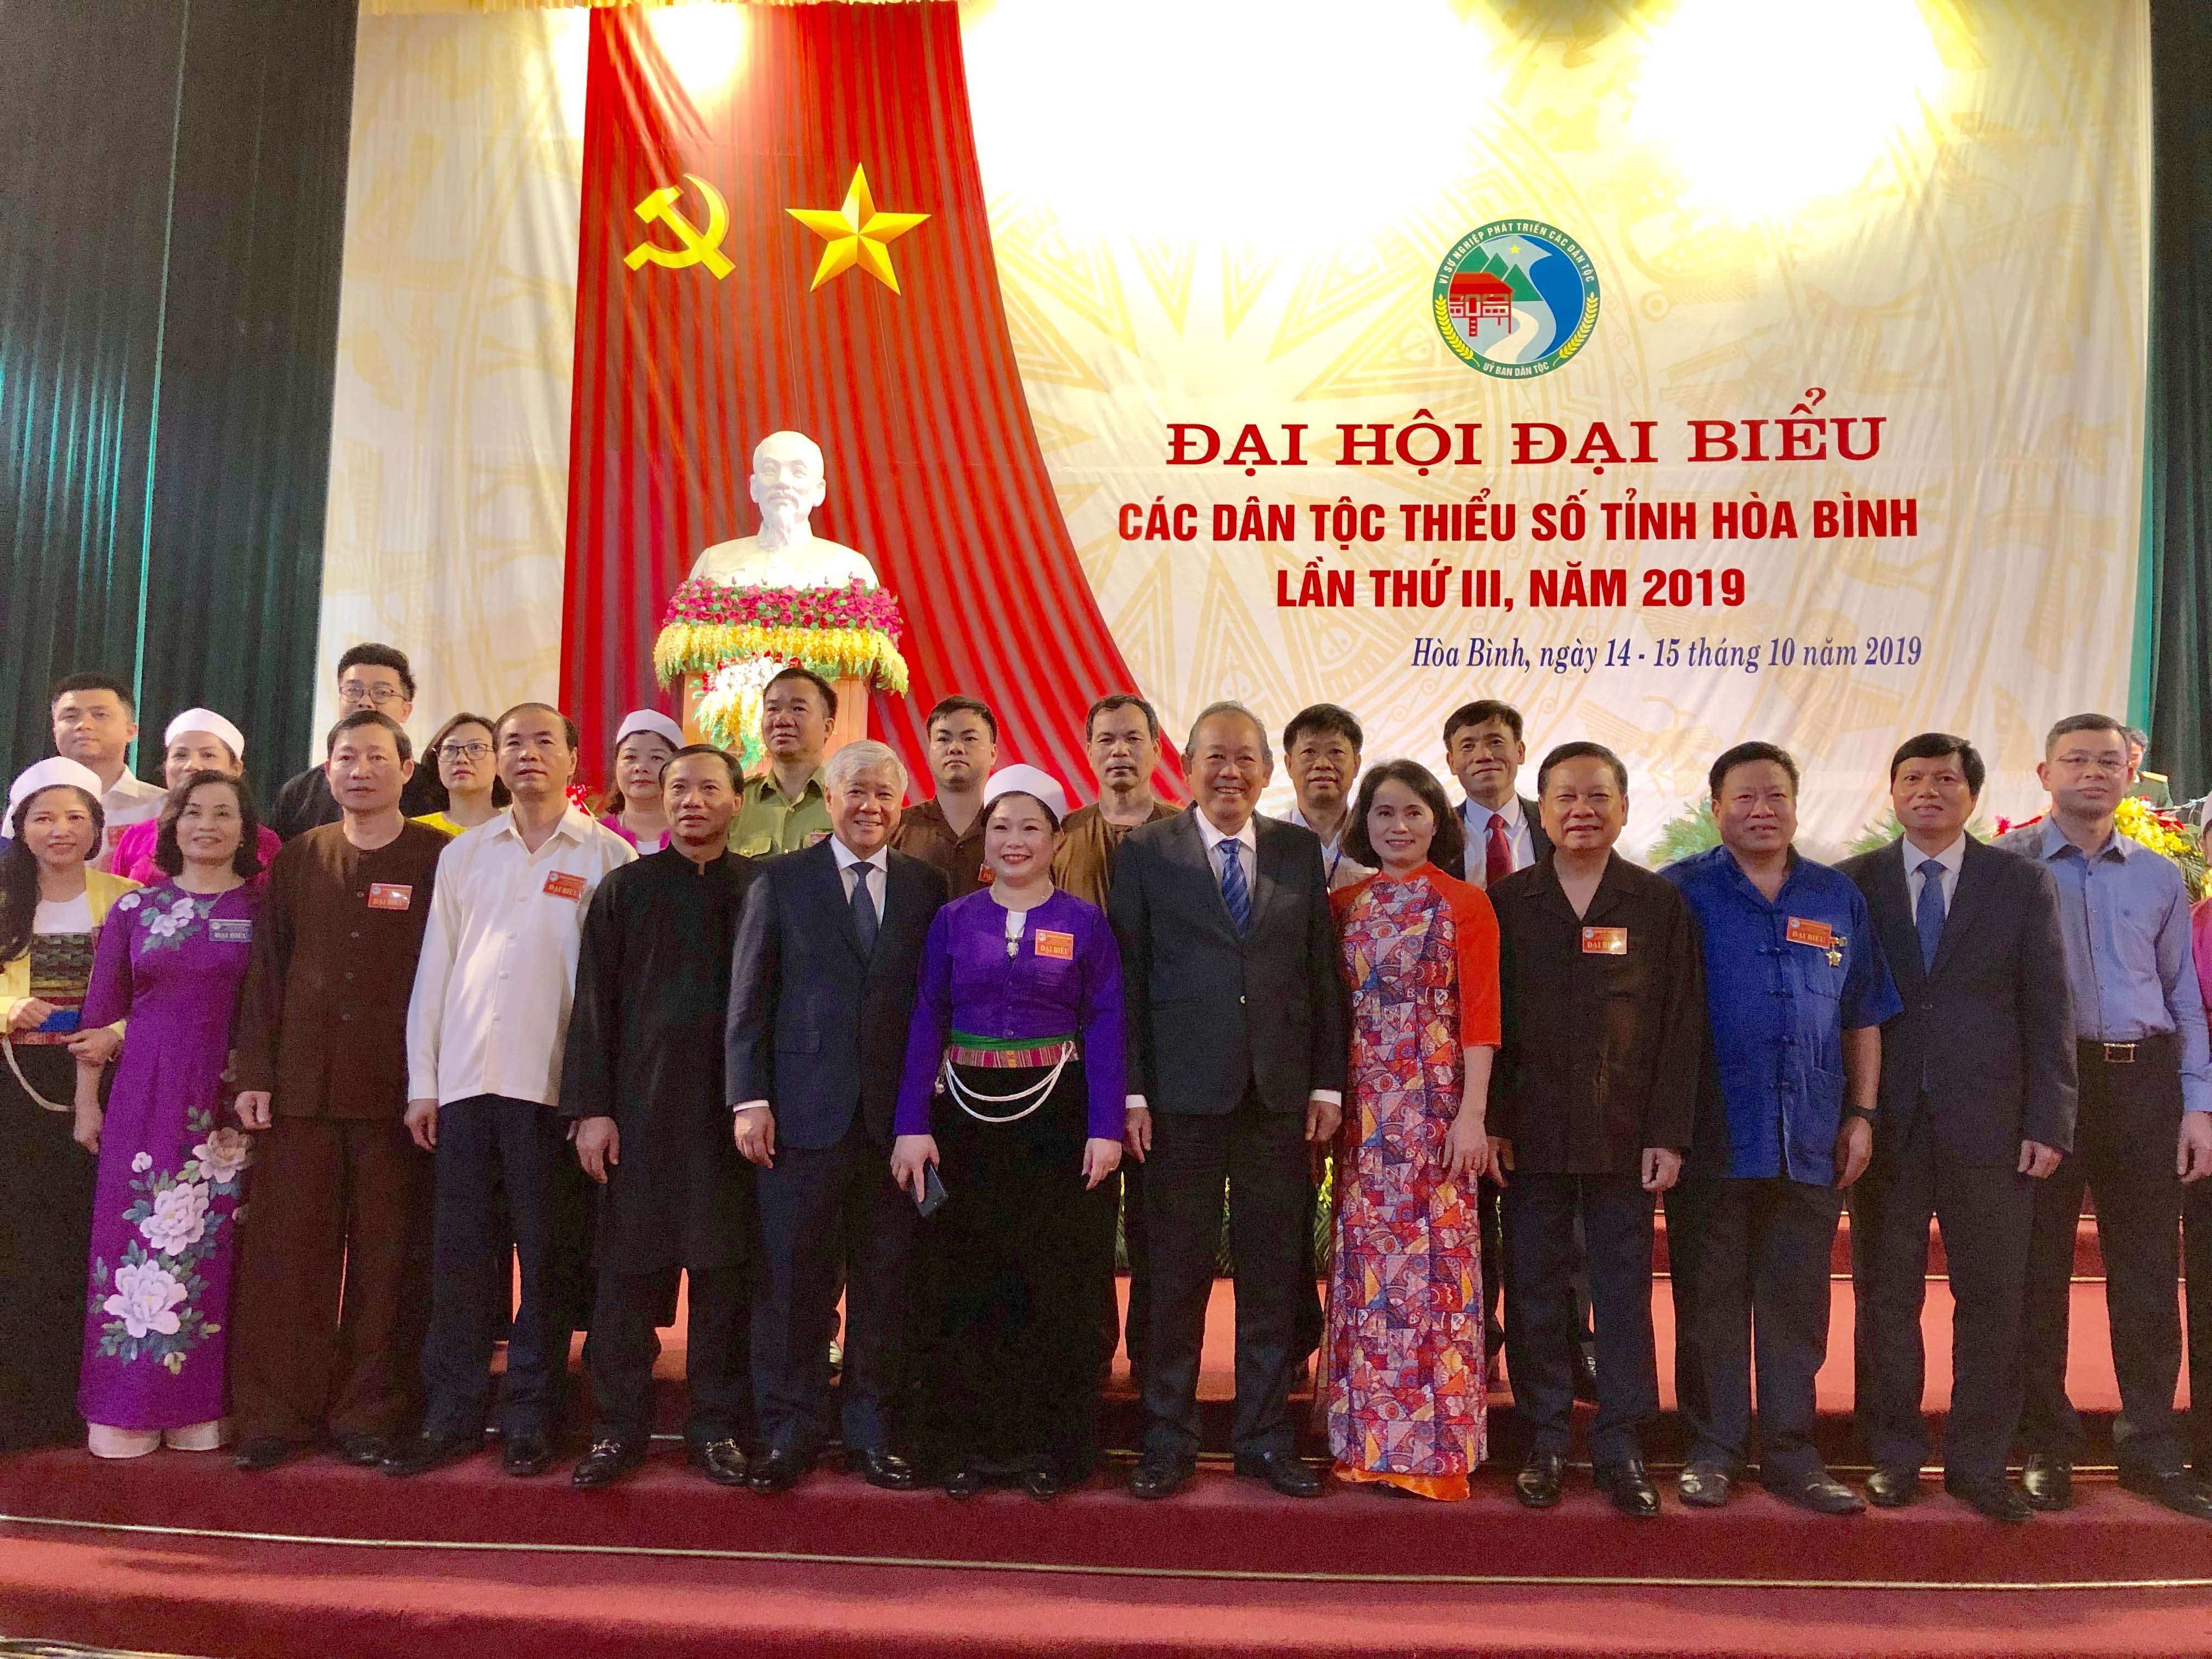 Phó Thủ tướng Thường trực Trương Hòa Bình, Bộ trưởng, Chủ nhiệm Ủy ban Dân tộc Đỗ Văn Chiến chụp ảnh lưu niệm cùng lãnh tập thể lãnh đạo tỉnh Hòa Bình